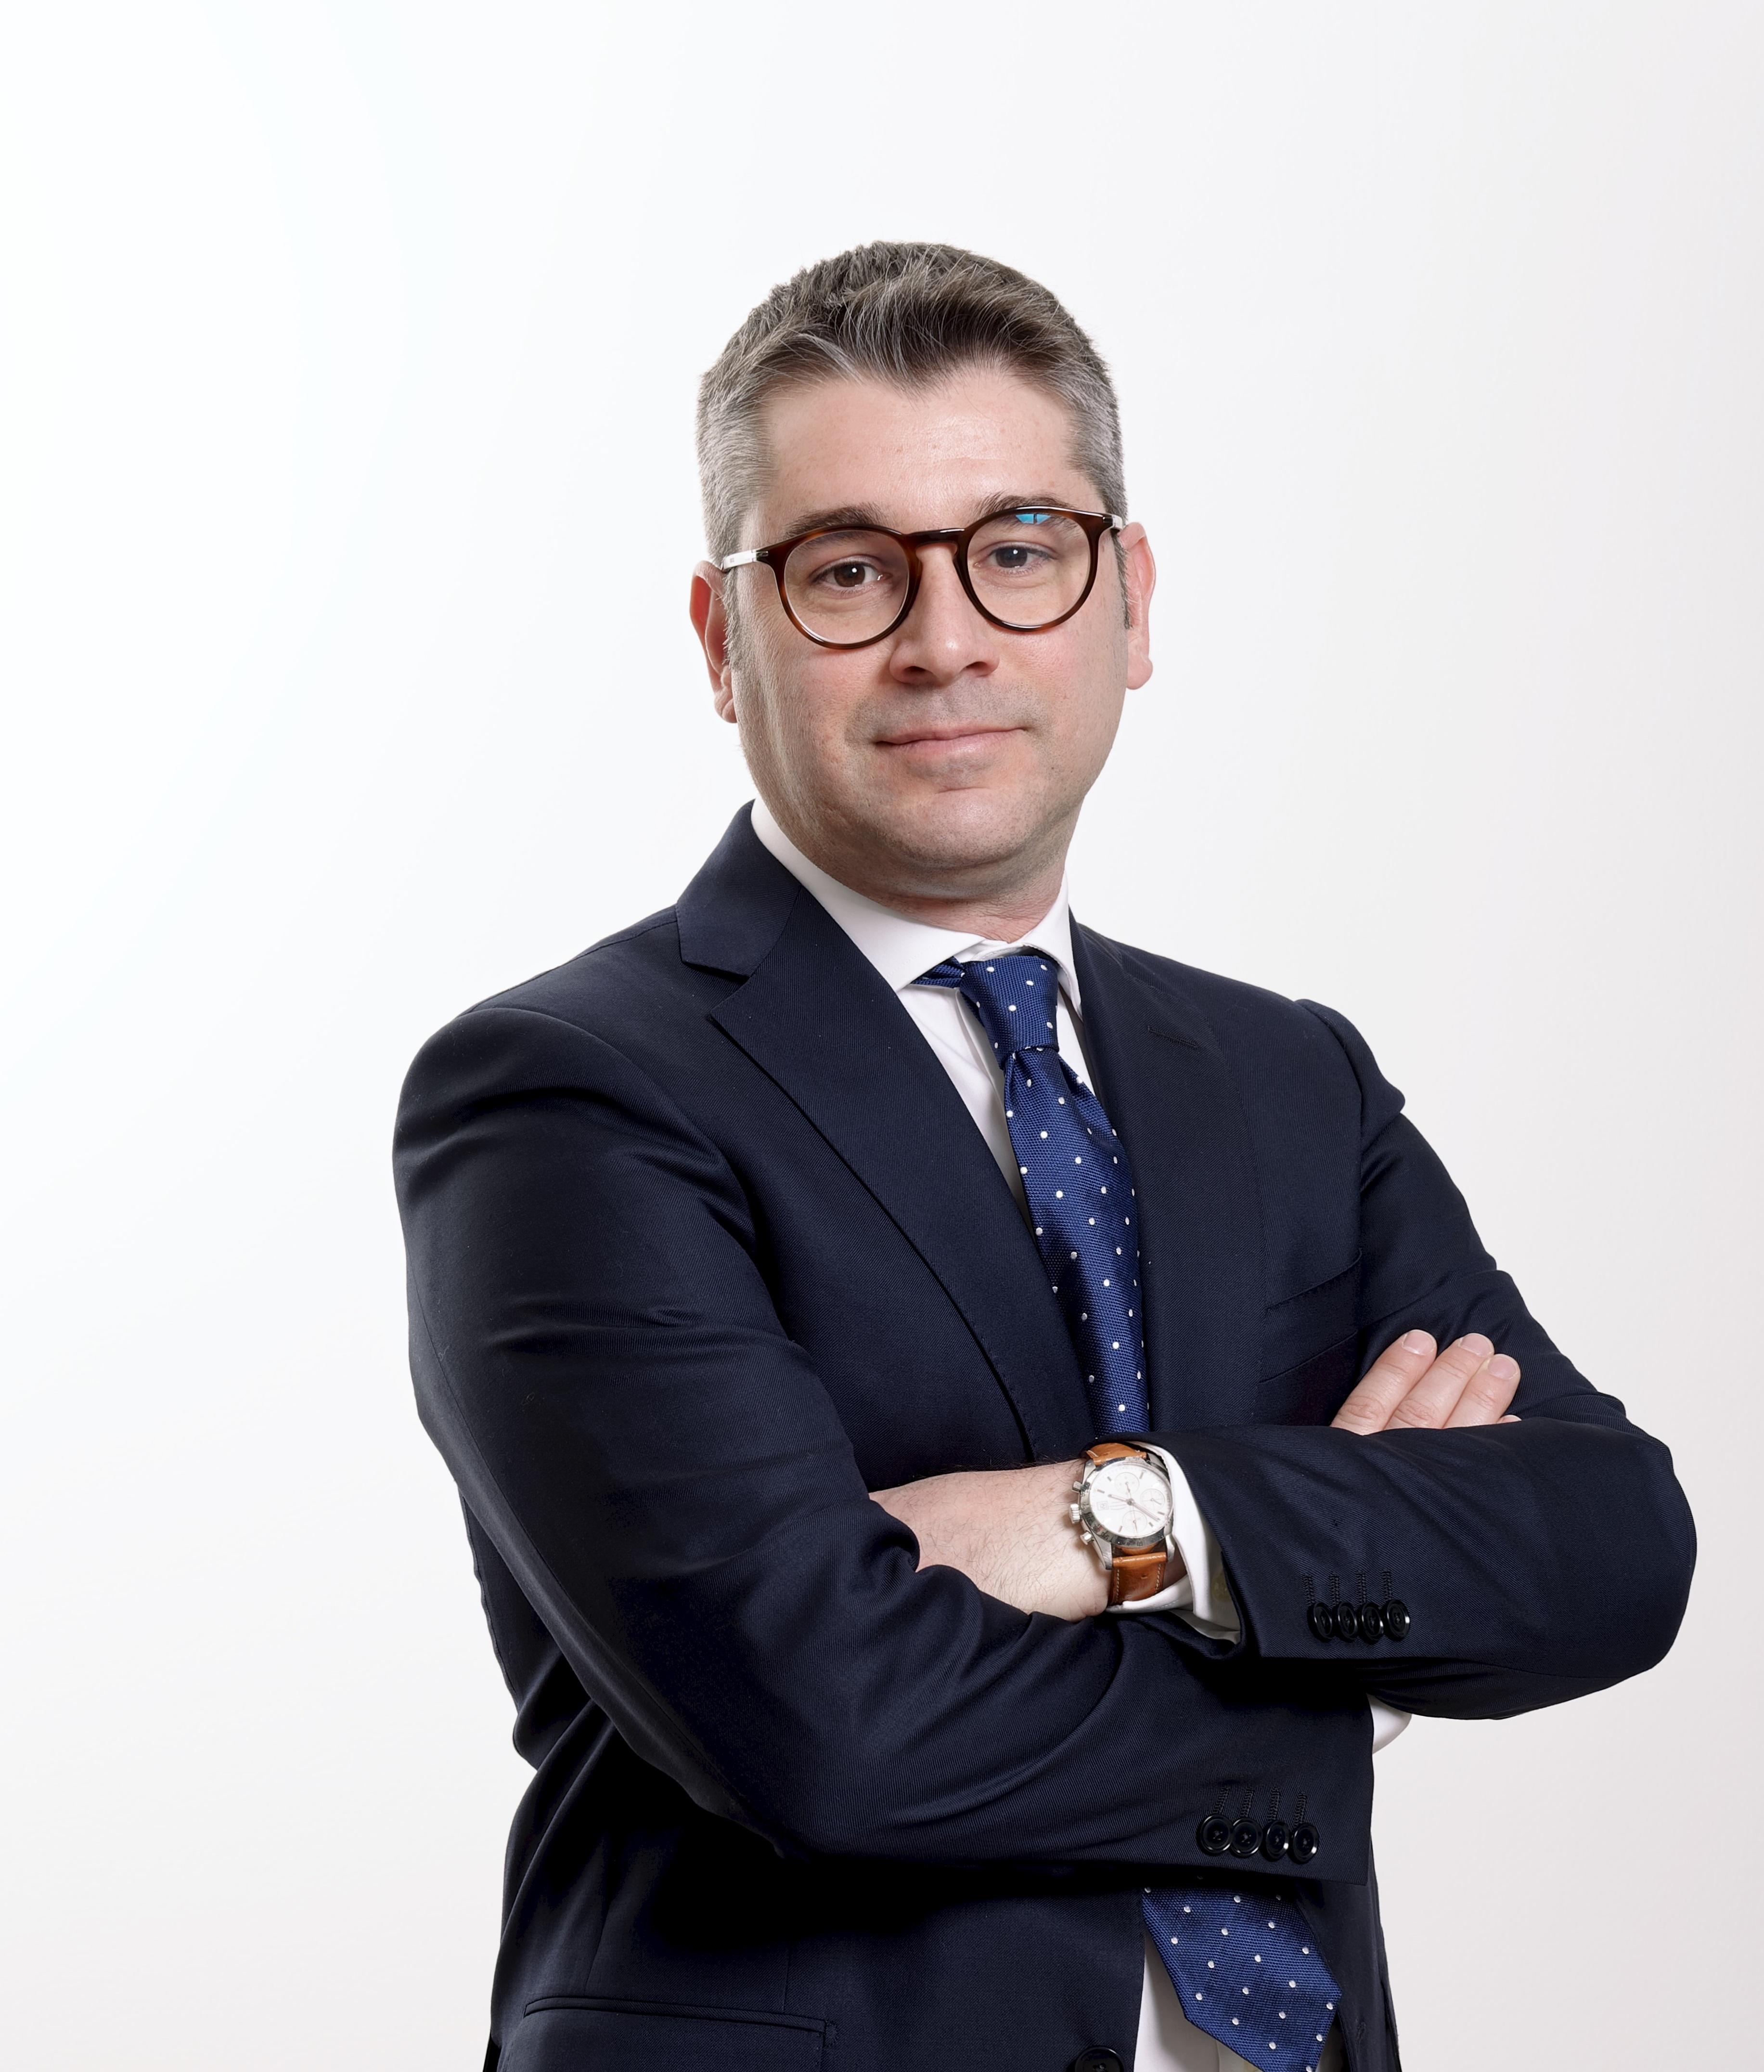 Alberto Canni Ferrari